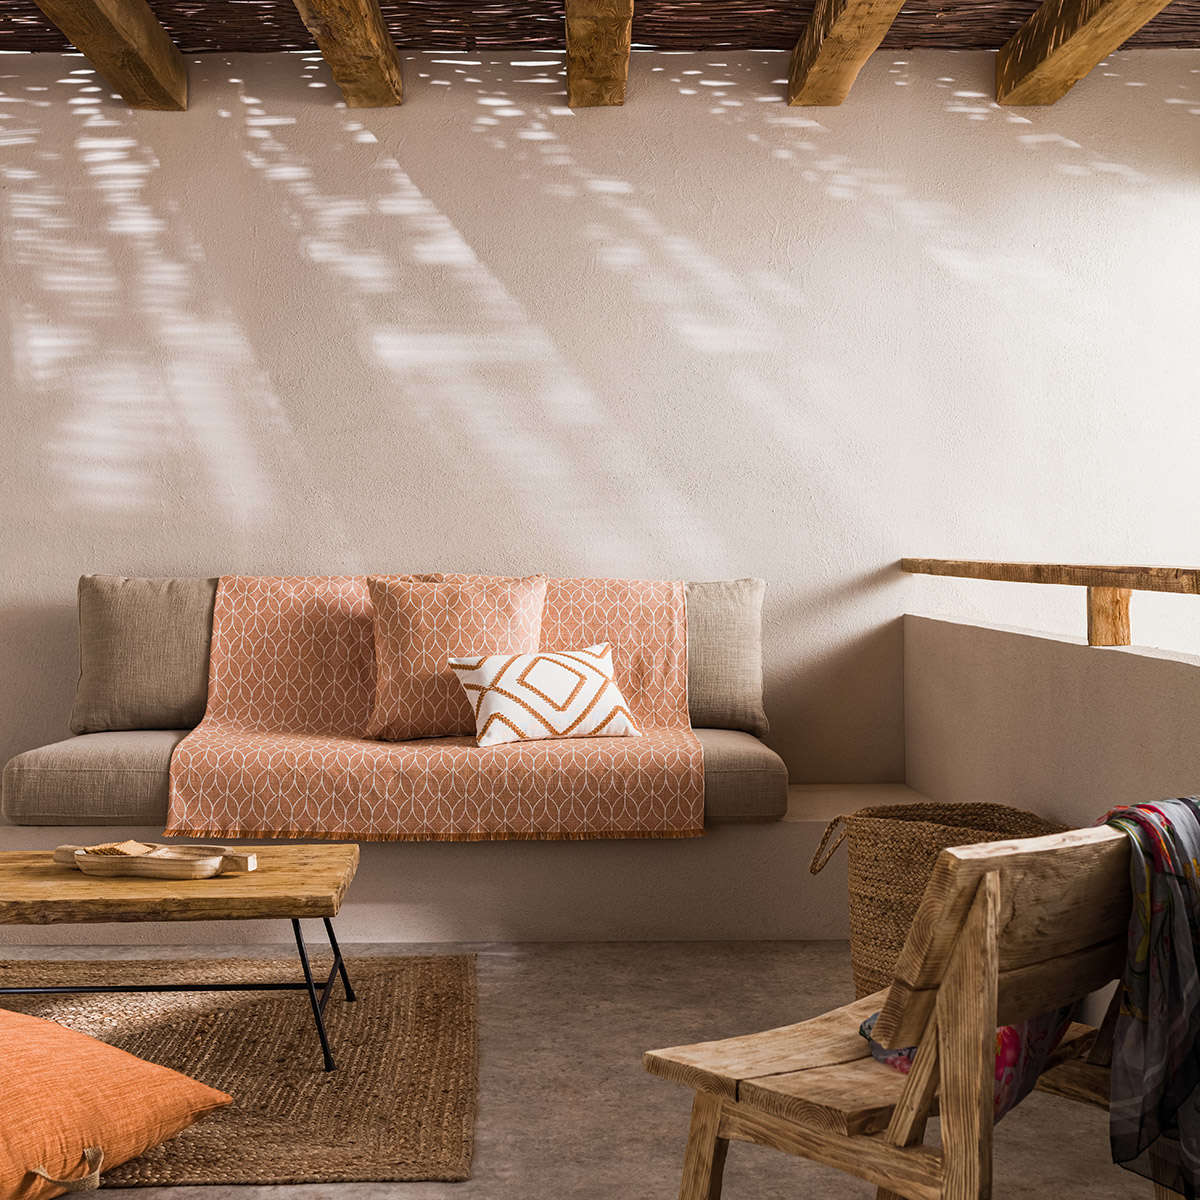 Ριχτάρι Lumien Brown 517/13 Gofis Home Τριθέσιο 180x310cm